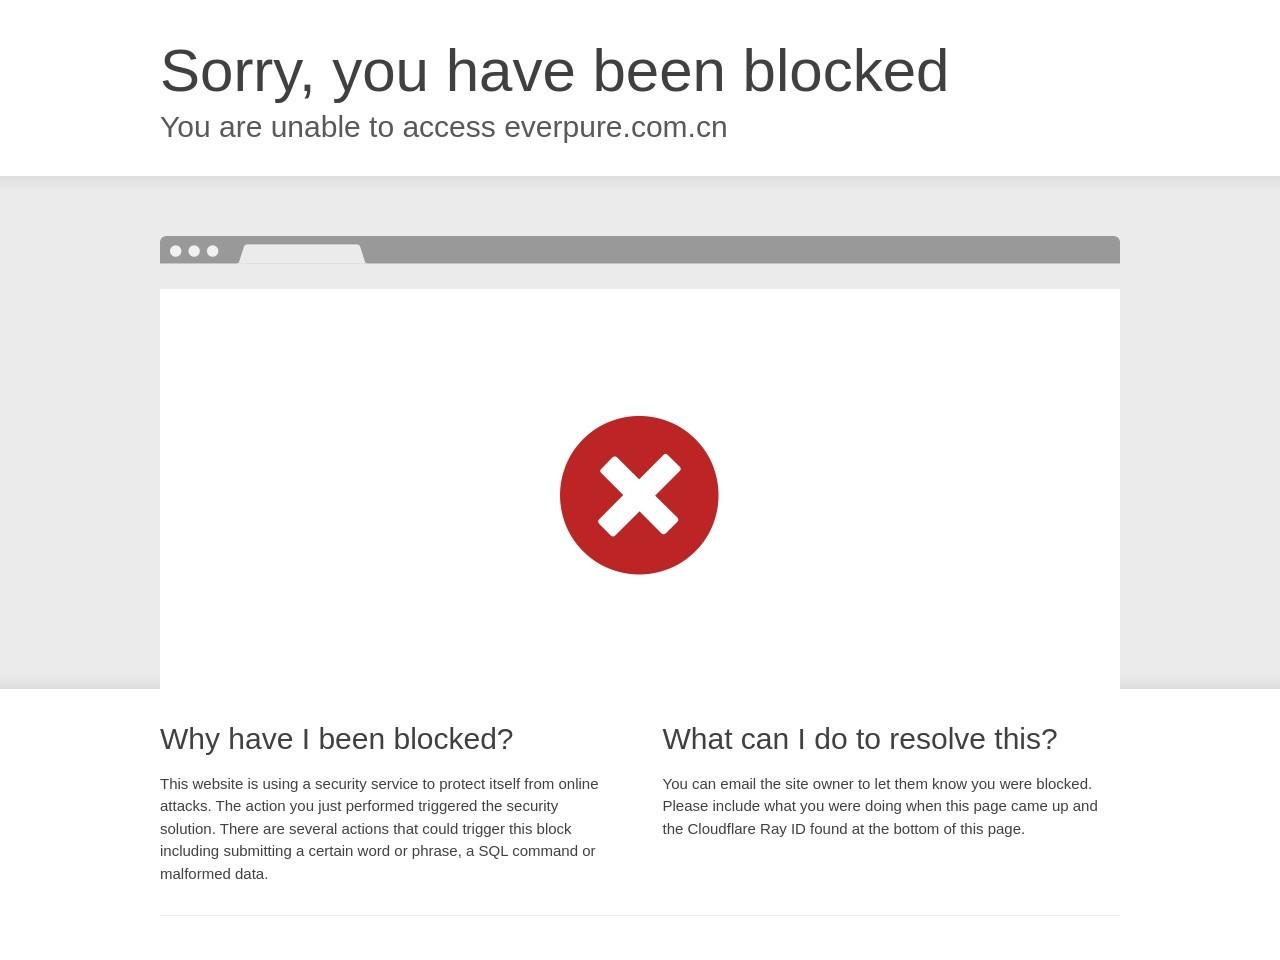 颢氦文学网(www.everpure.com.cn)